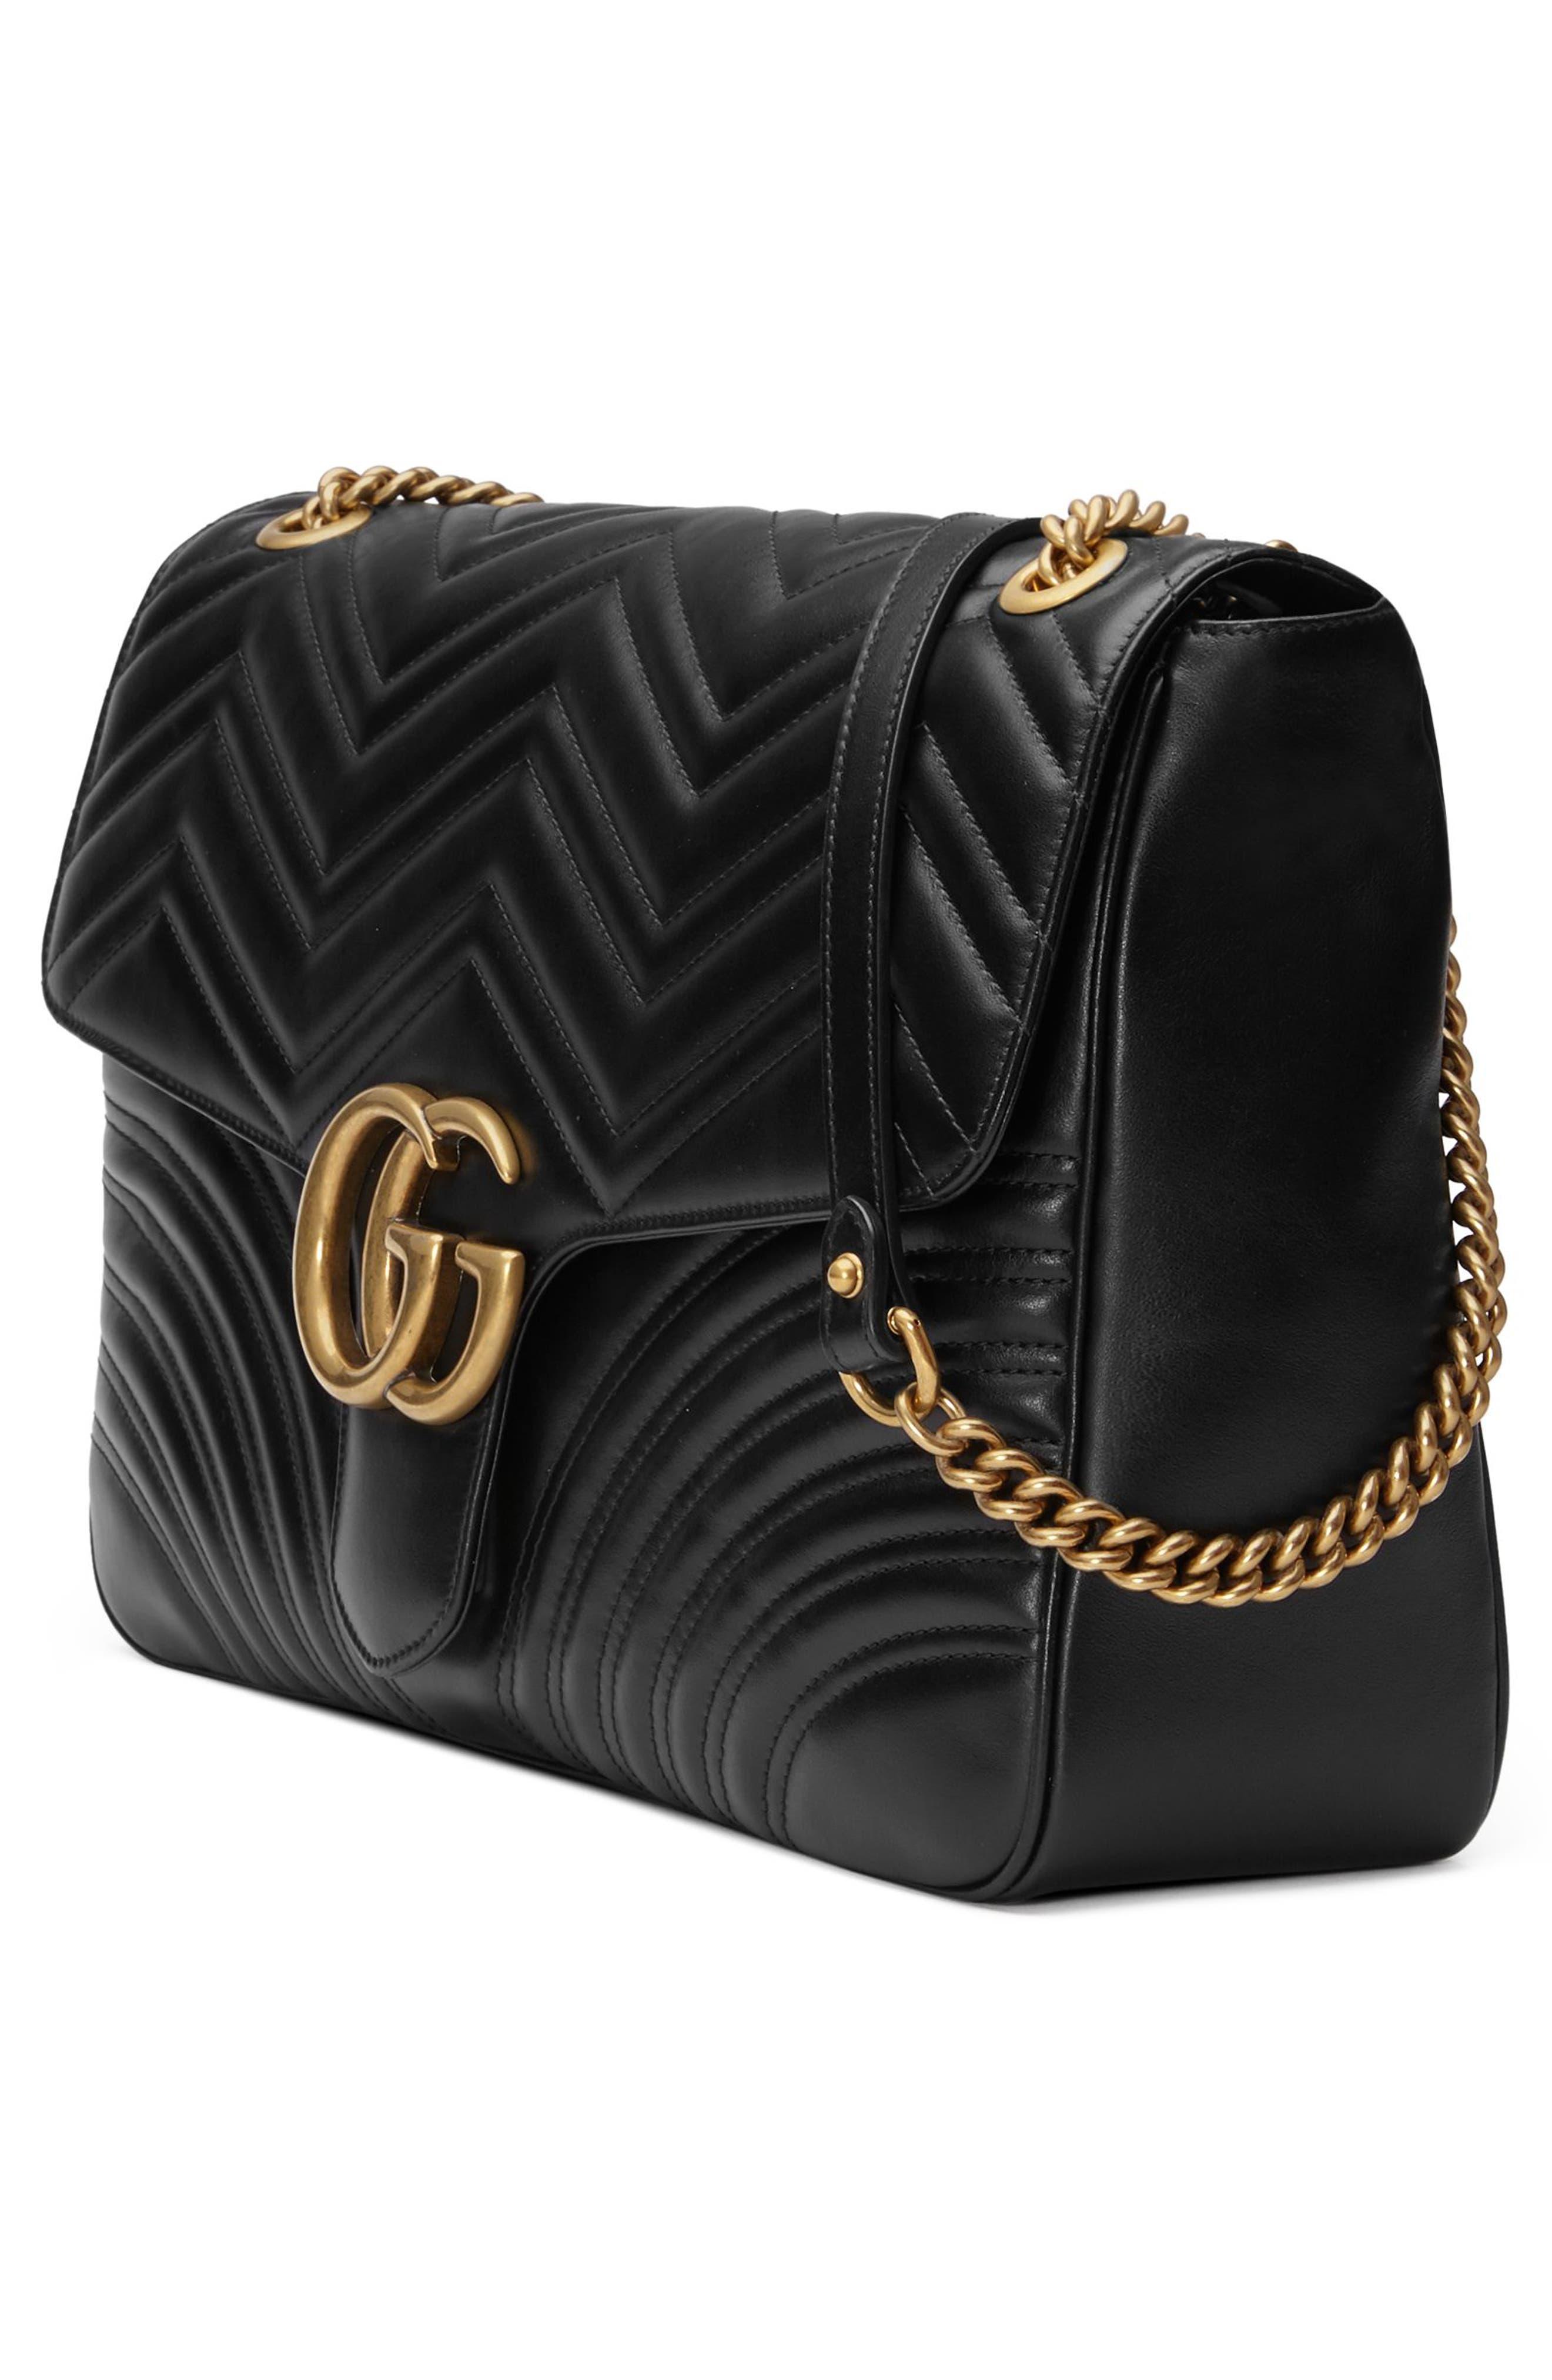 GG Large Marmont 2.0 Matelassé Leather Shoulder Bag,                             Alternate thumbnail 4, color,                             NERO